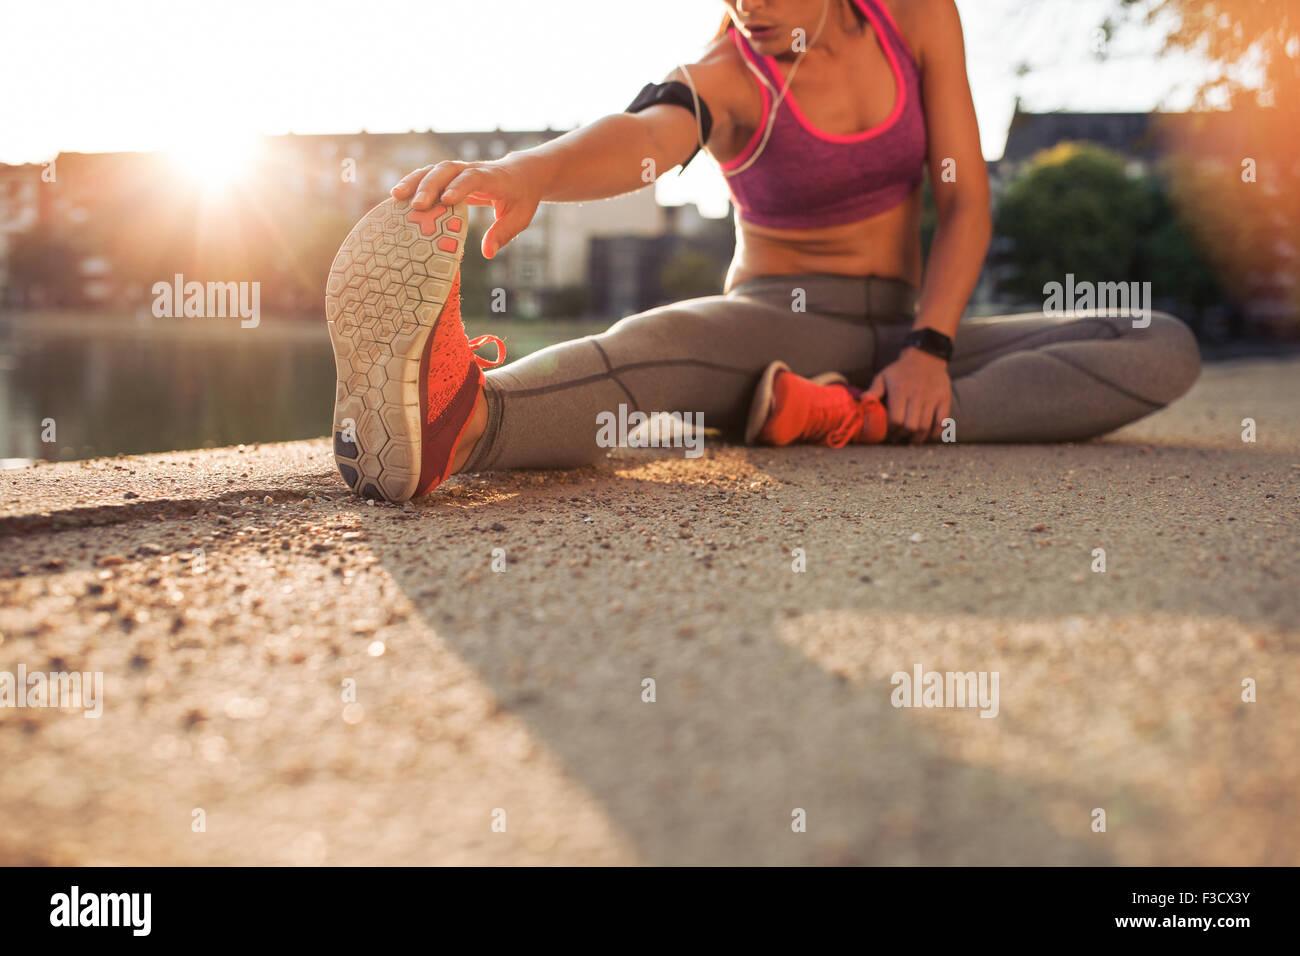 Ritagliato colpo di runner gambe stretching prima di fare il suo allenamento estivo. Donna in fase di riscaldamento Immagini Stock